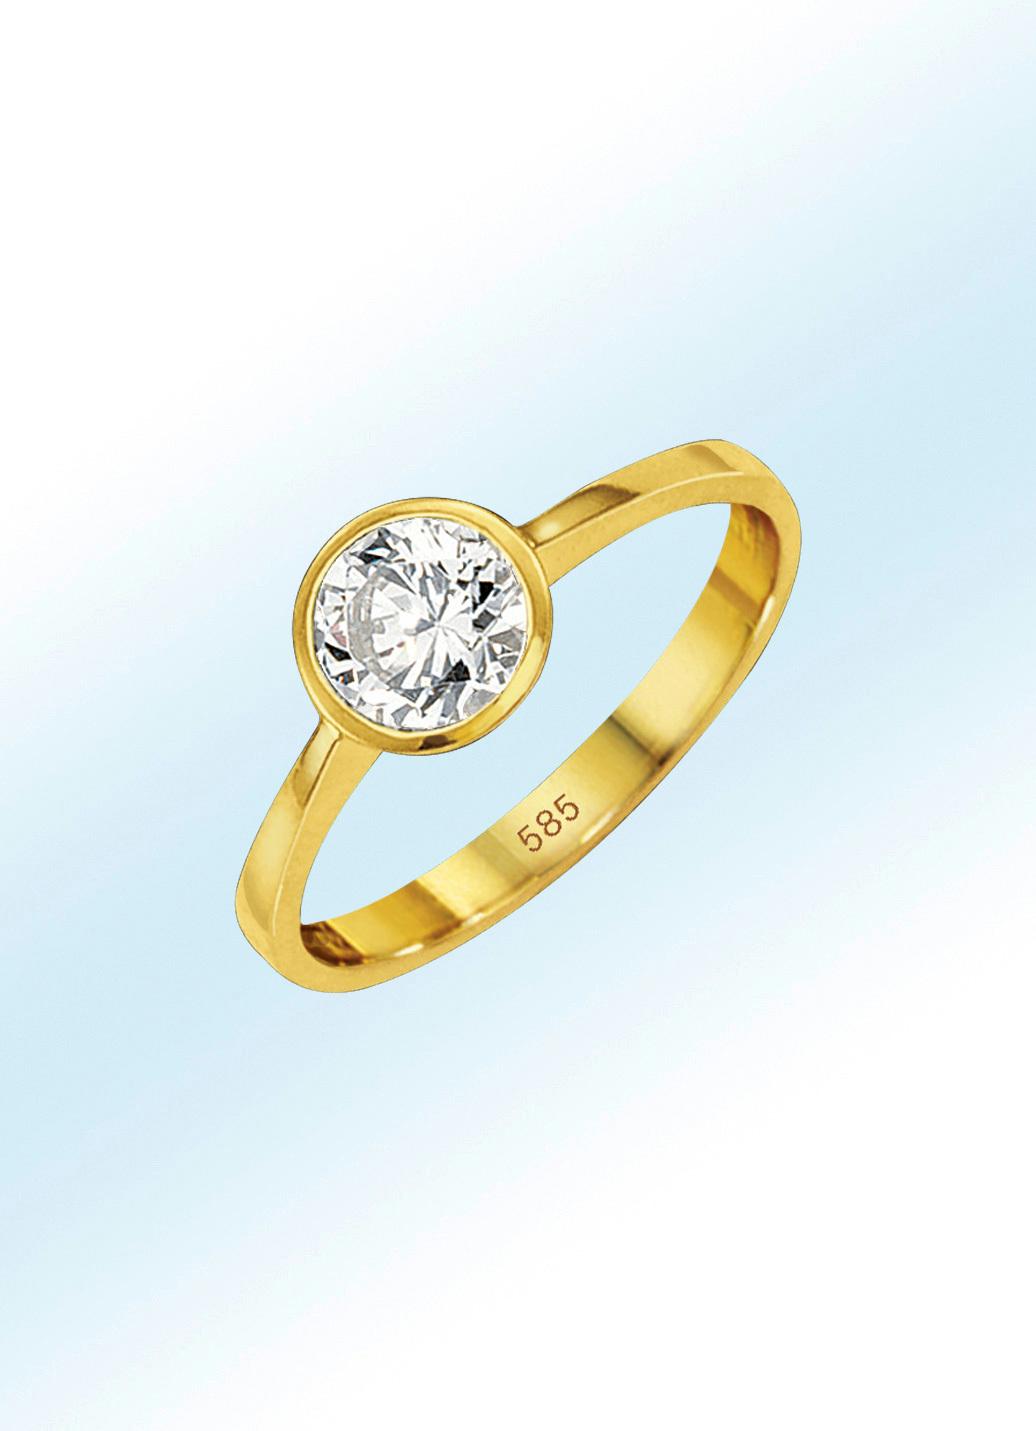 Entzückender Damenring mit Brillant mit 050 ct. in Gold 585/- fein Größe 16.0 Damen Preisvergleich